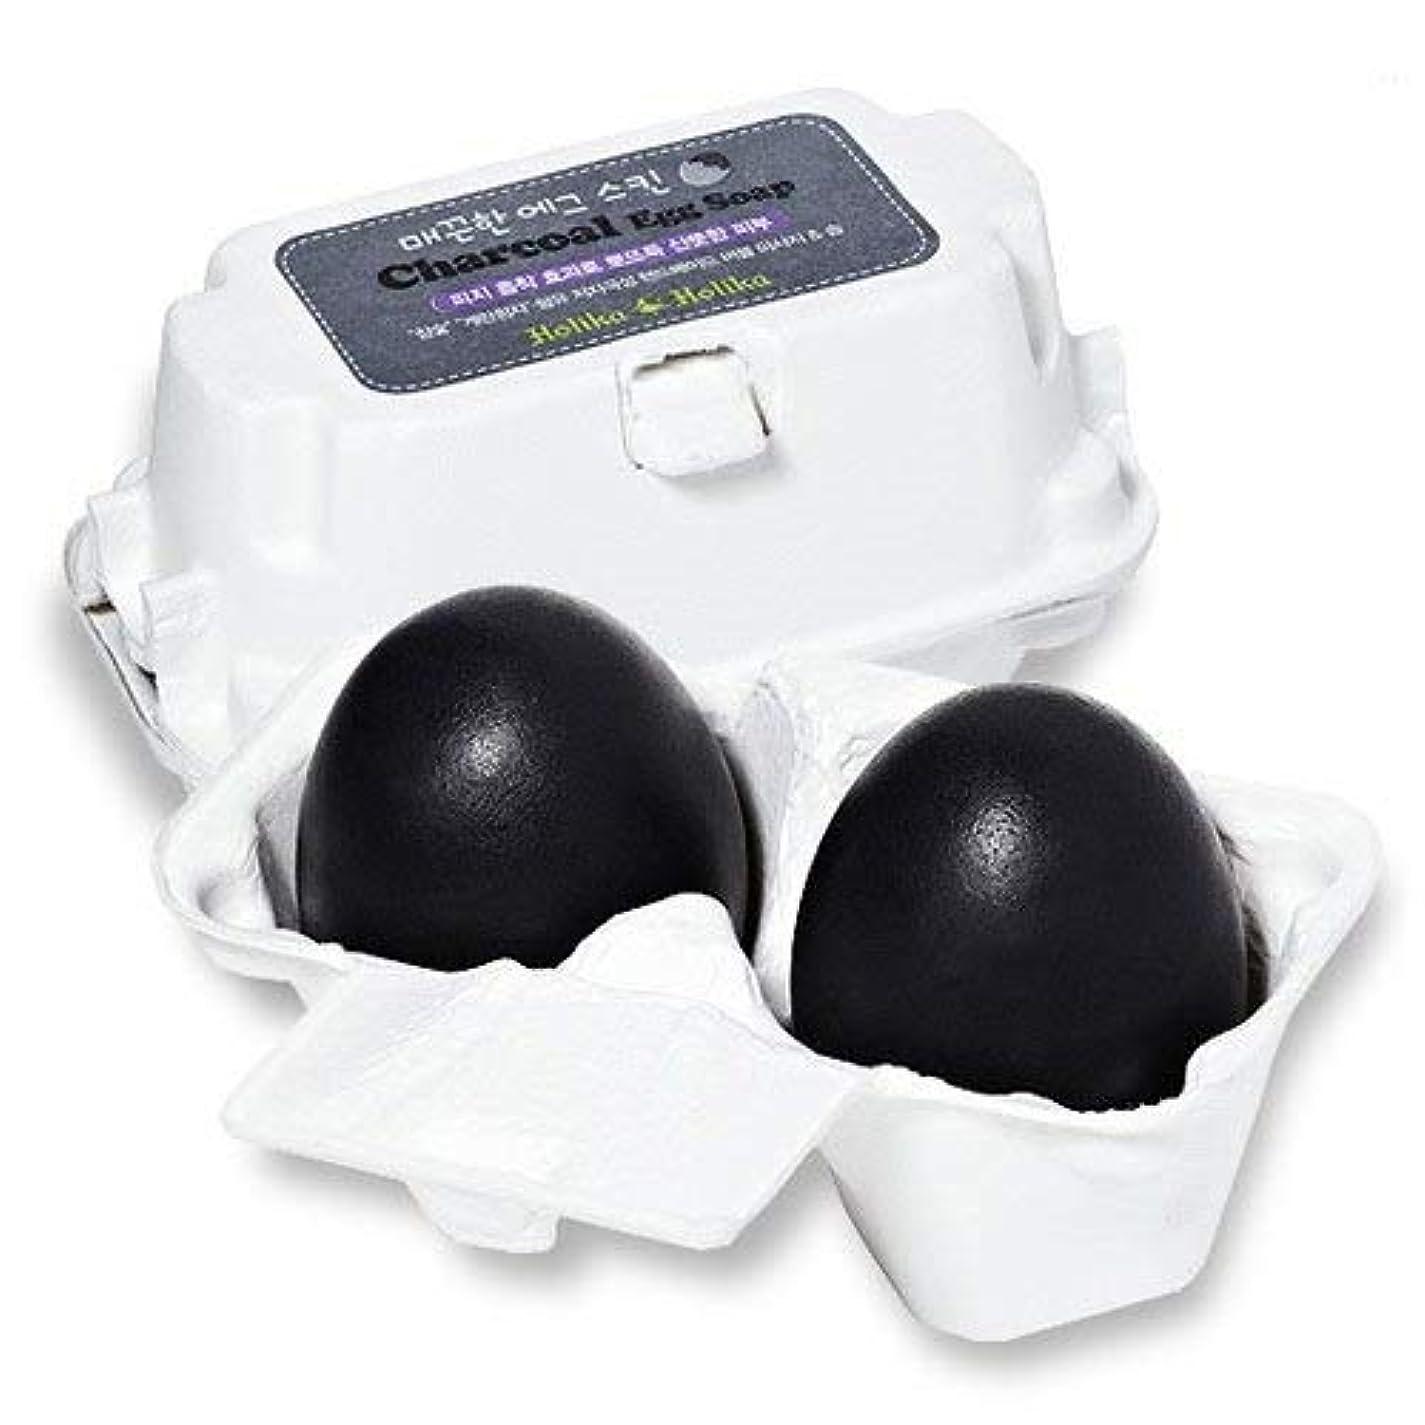 尋ねるさようなら意欲[堅炭/Charcoal] Holika Holika Egg Skin Egg Soap ホリカホリカ エッグスキン エッグソープ (50g*2個) [並行輸入品]